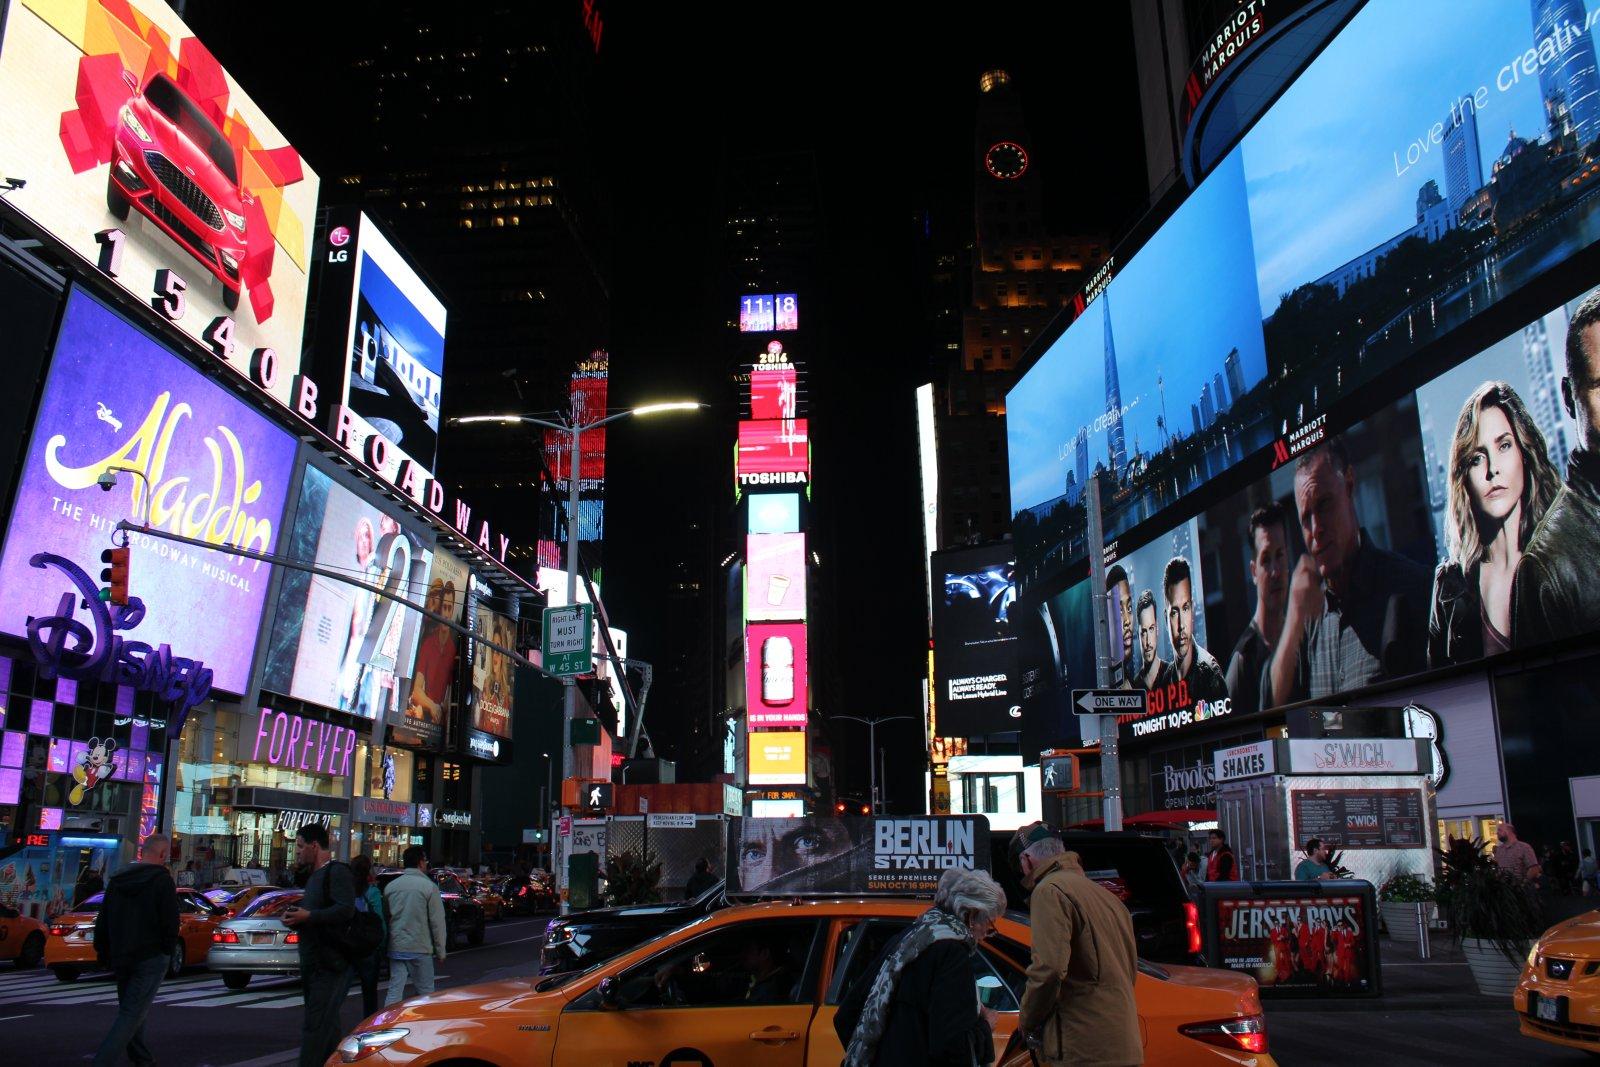 Полная индивидуальная обзорная экскурсия по Нью-Йорку — 7-8 часов